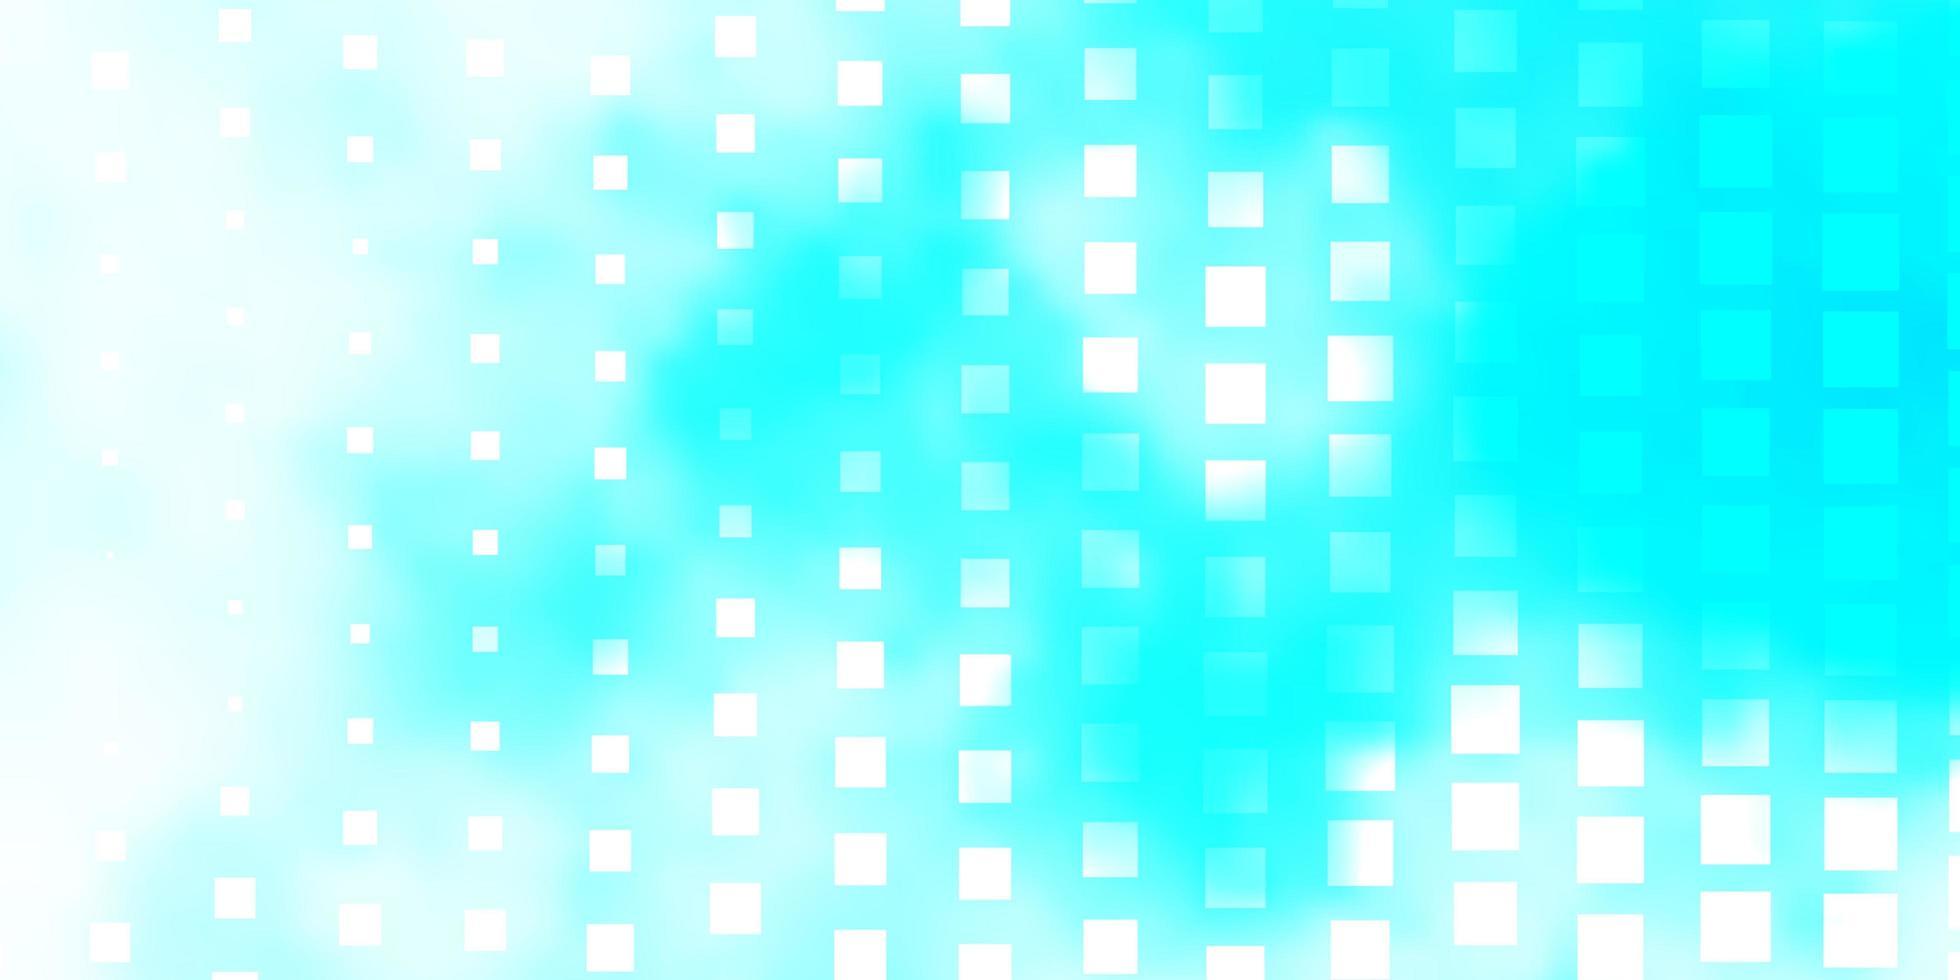 ljusblå vektor mönster i fyrkantig stil